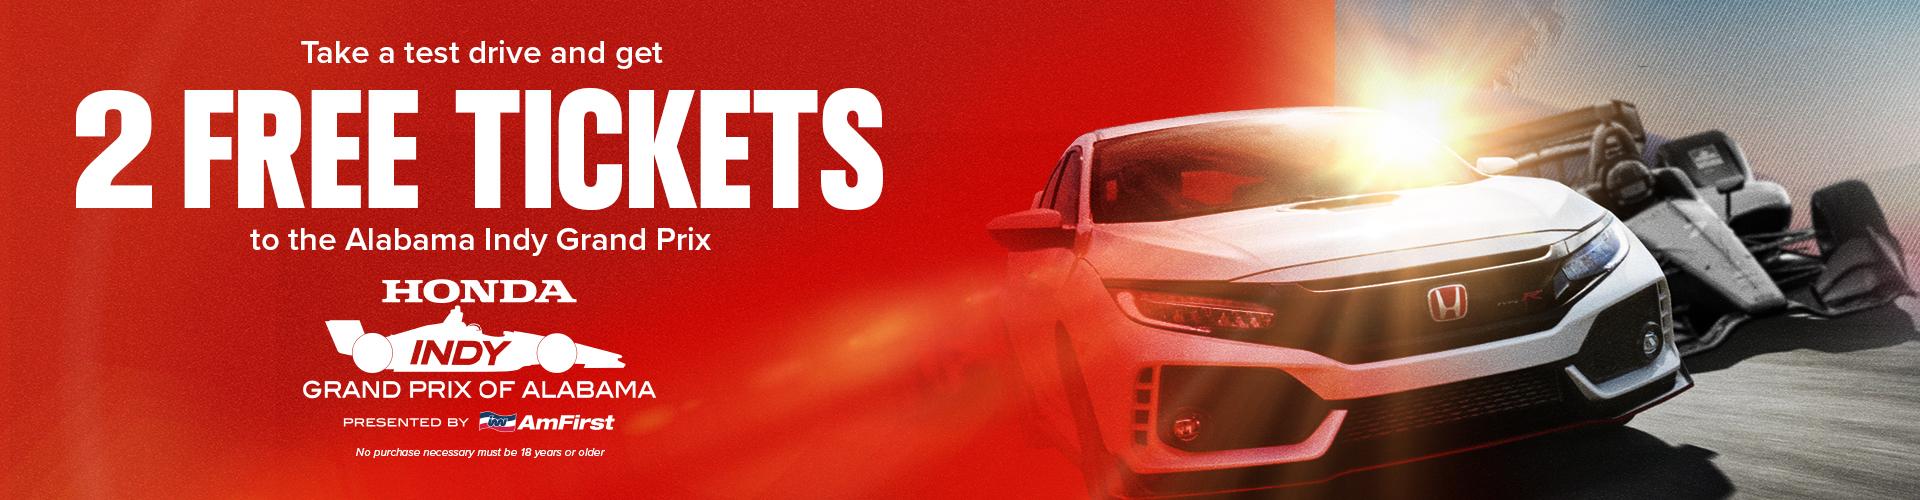 Honda Dealerships In Alabama >> Alabama Indy Grand Prix Central Alabama Honda Dealers